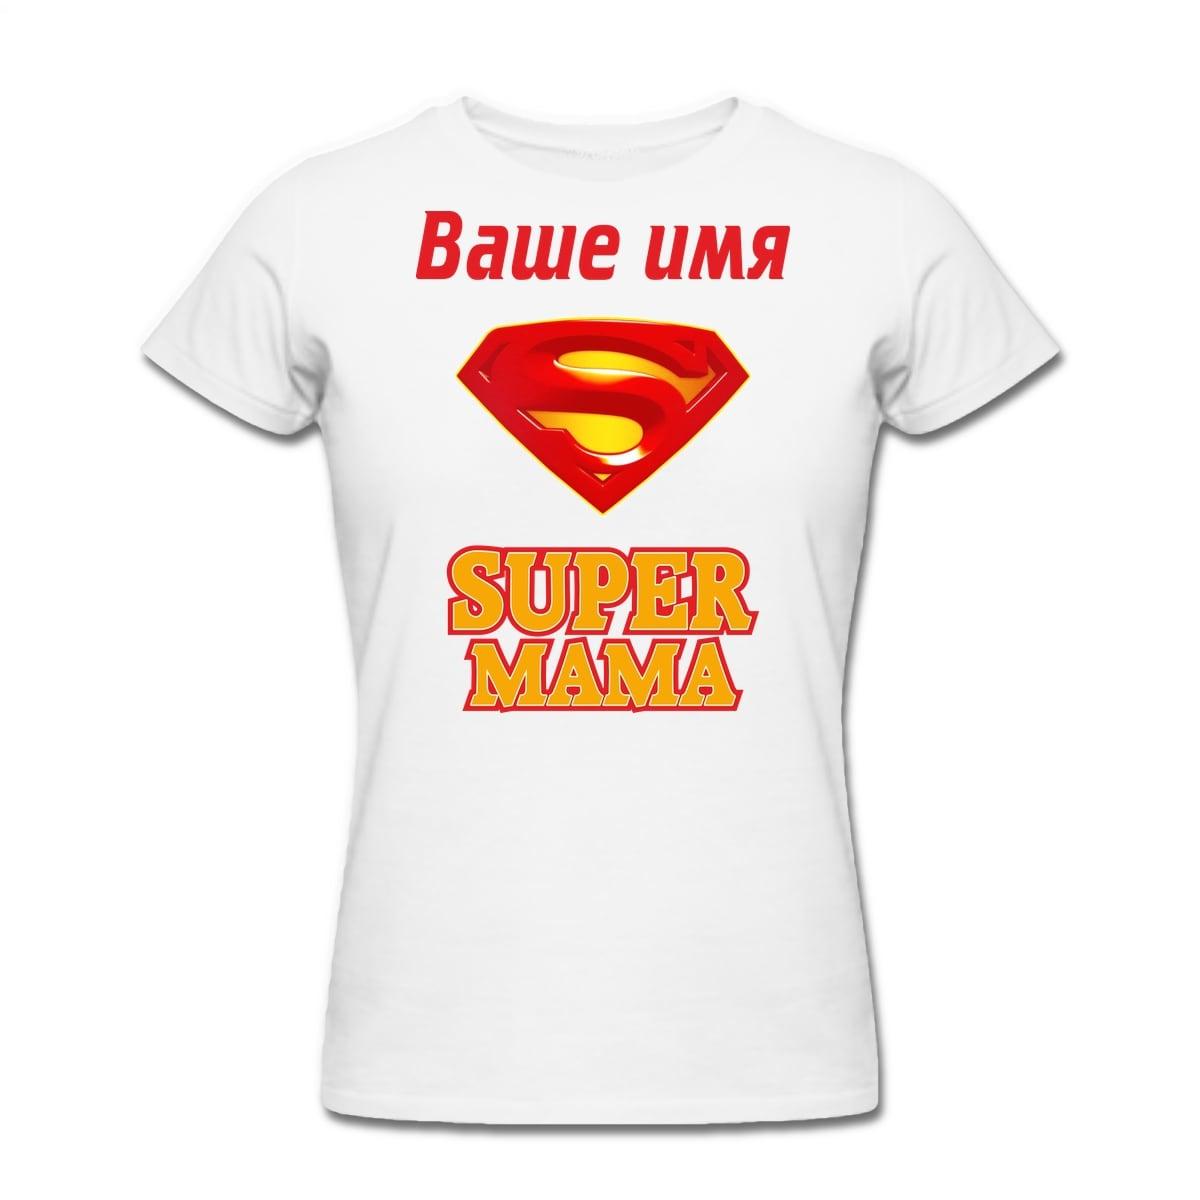 Купить Именная футболка *Супер Мама* в интернет-магазине подарков. Огромный выбор необычных подарков и сувениров широкого ценового диапазона!